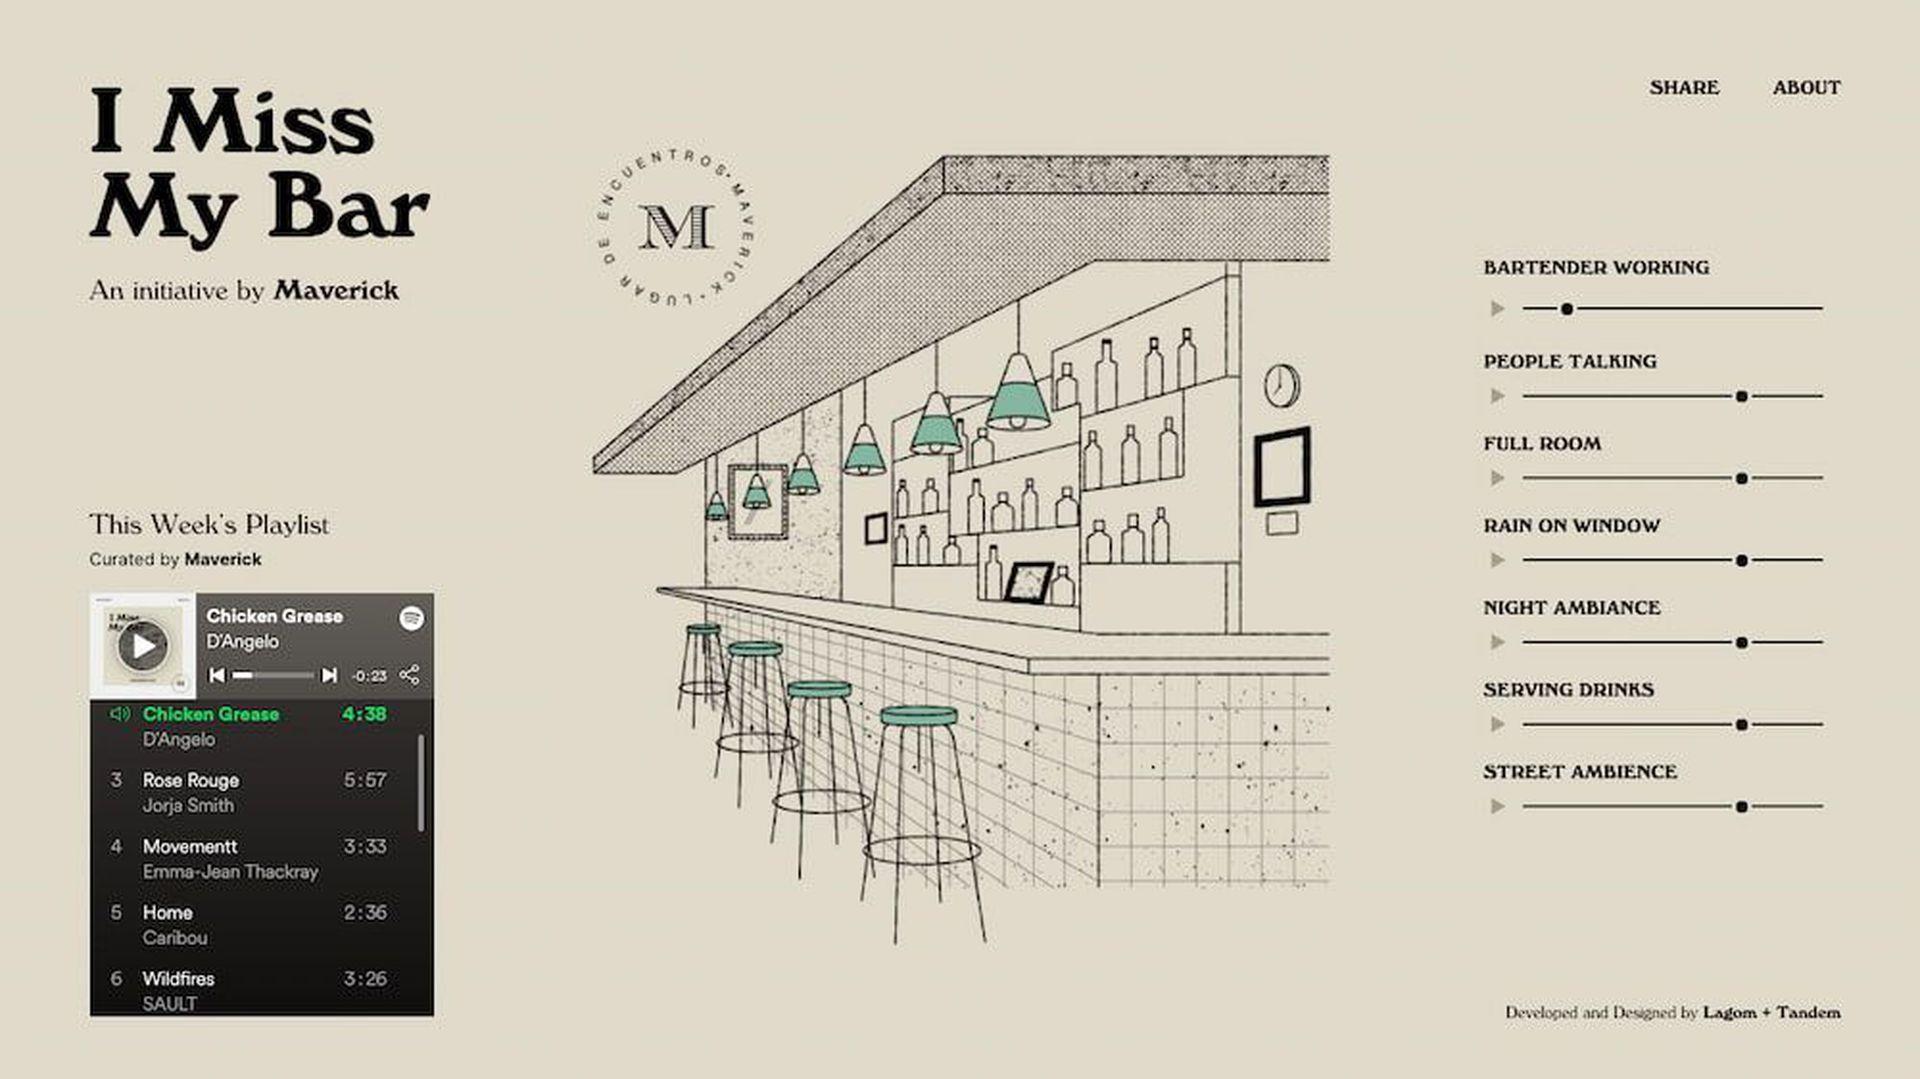 El sitio I Miss My Bar propone recrear los sonidos ambiente del interior de un bar